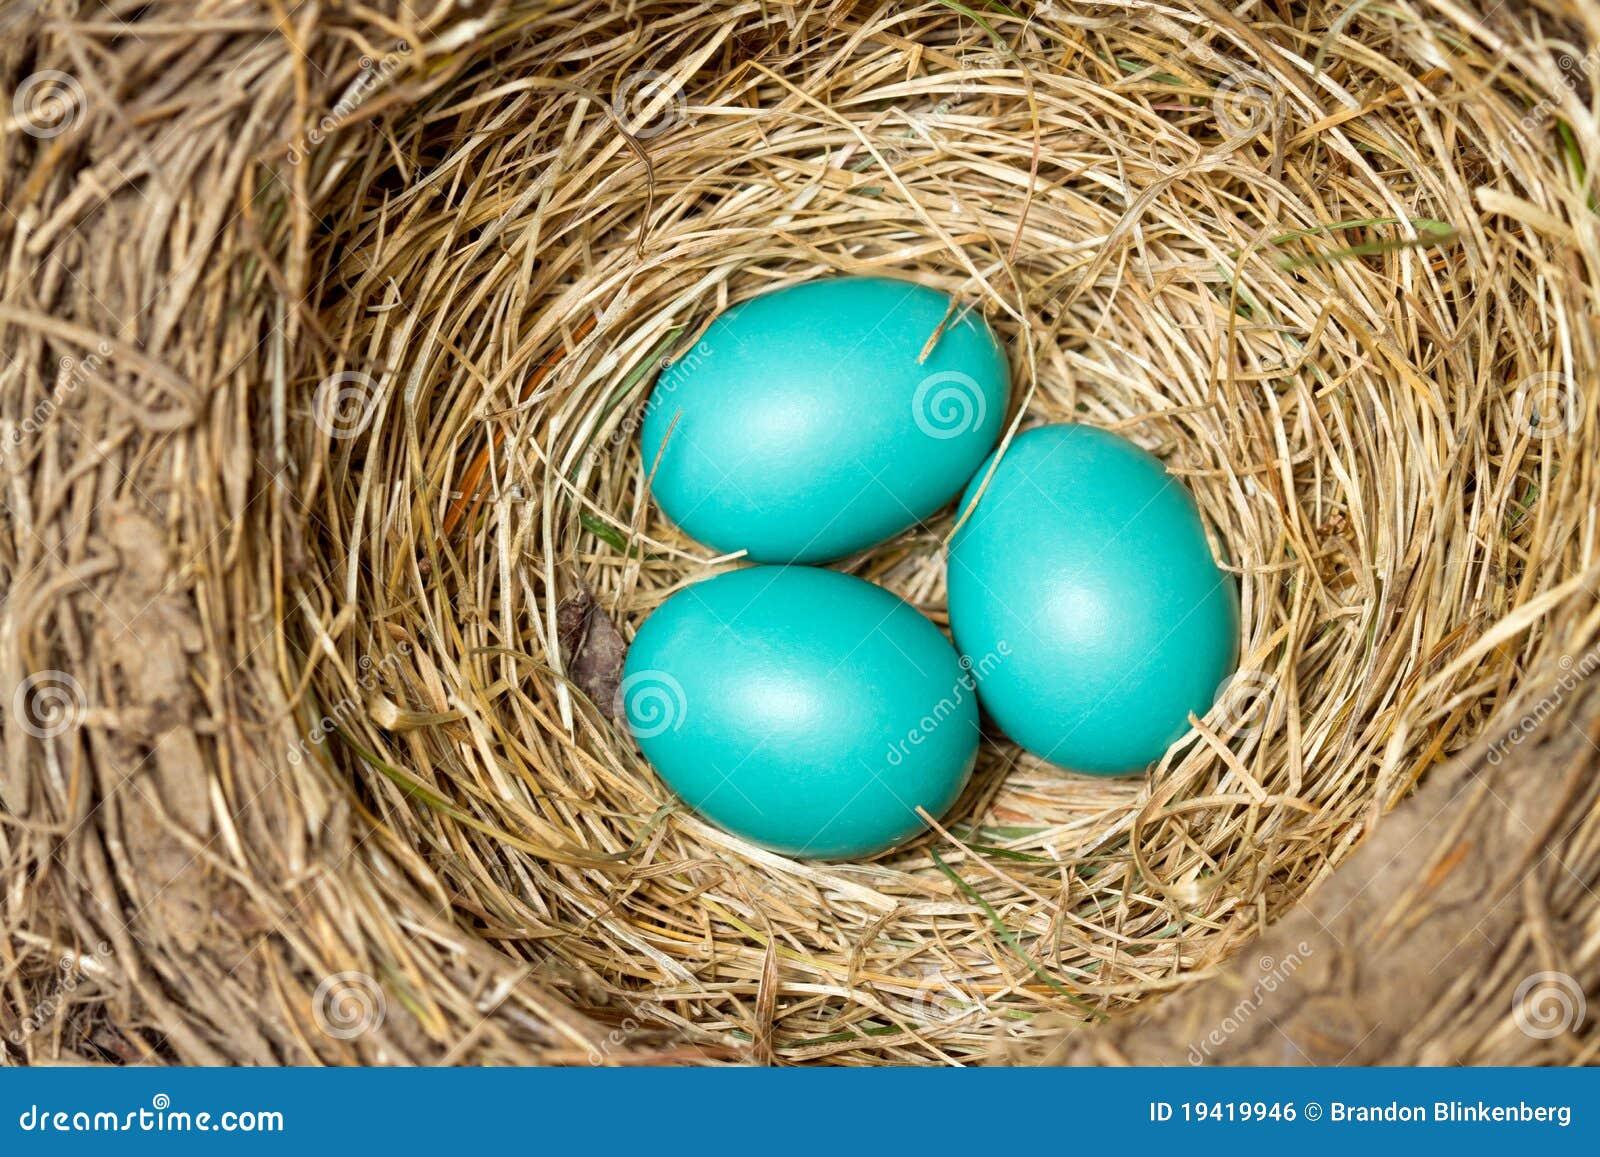 Blaue Eier